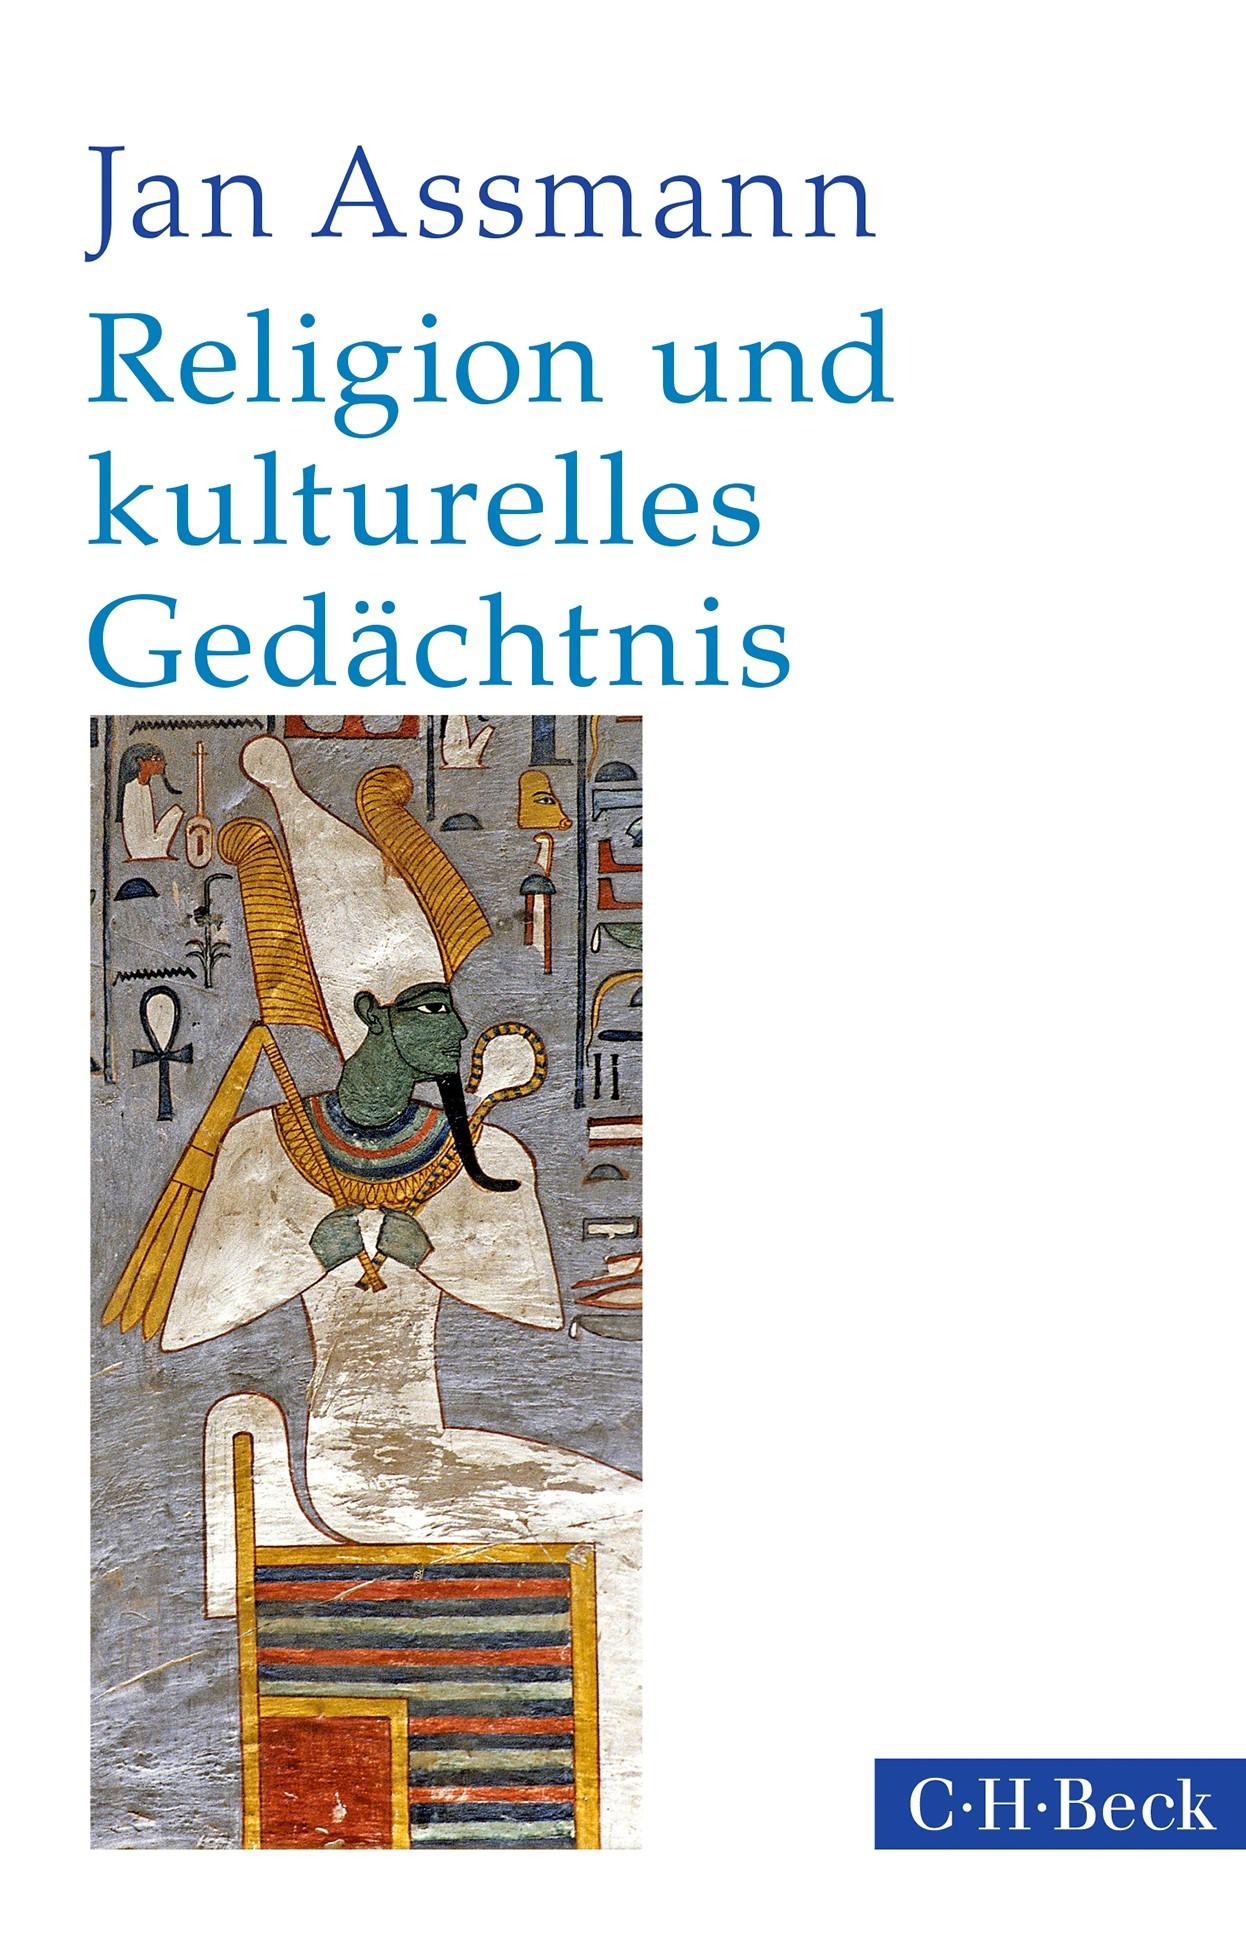 Religion und kulturelles Gedächtnis | Assmann, Jan | 5. Auflage, 2018 | Buch (Cover)